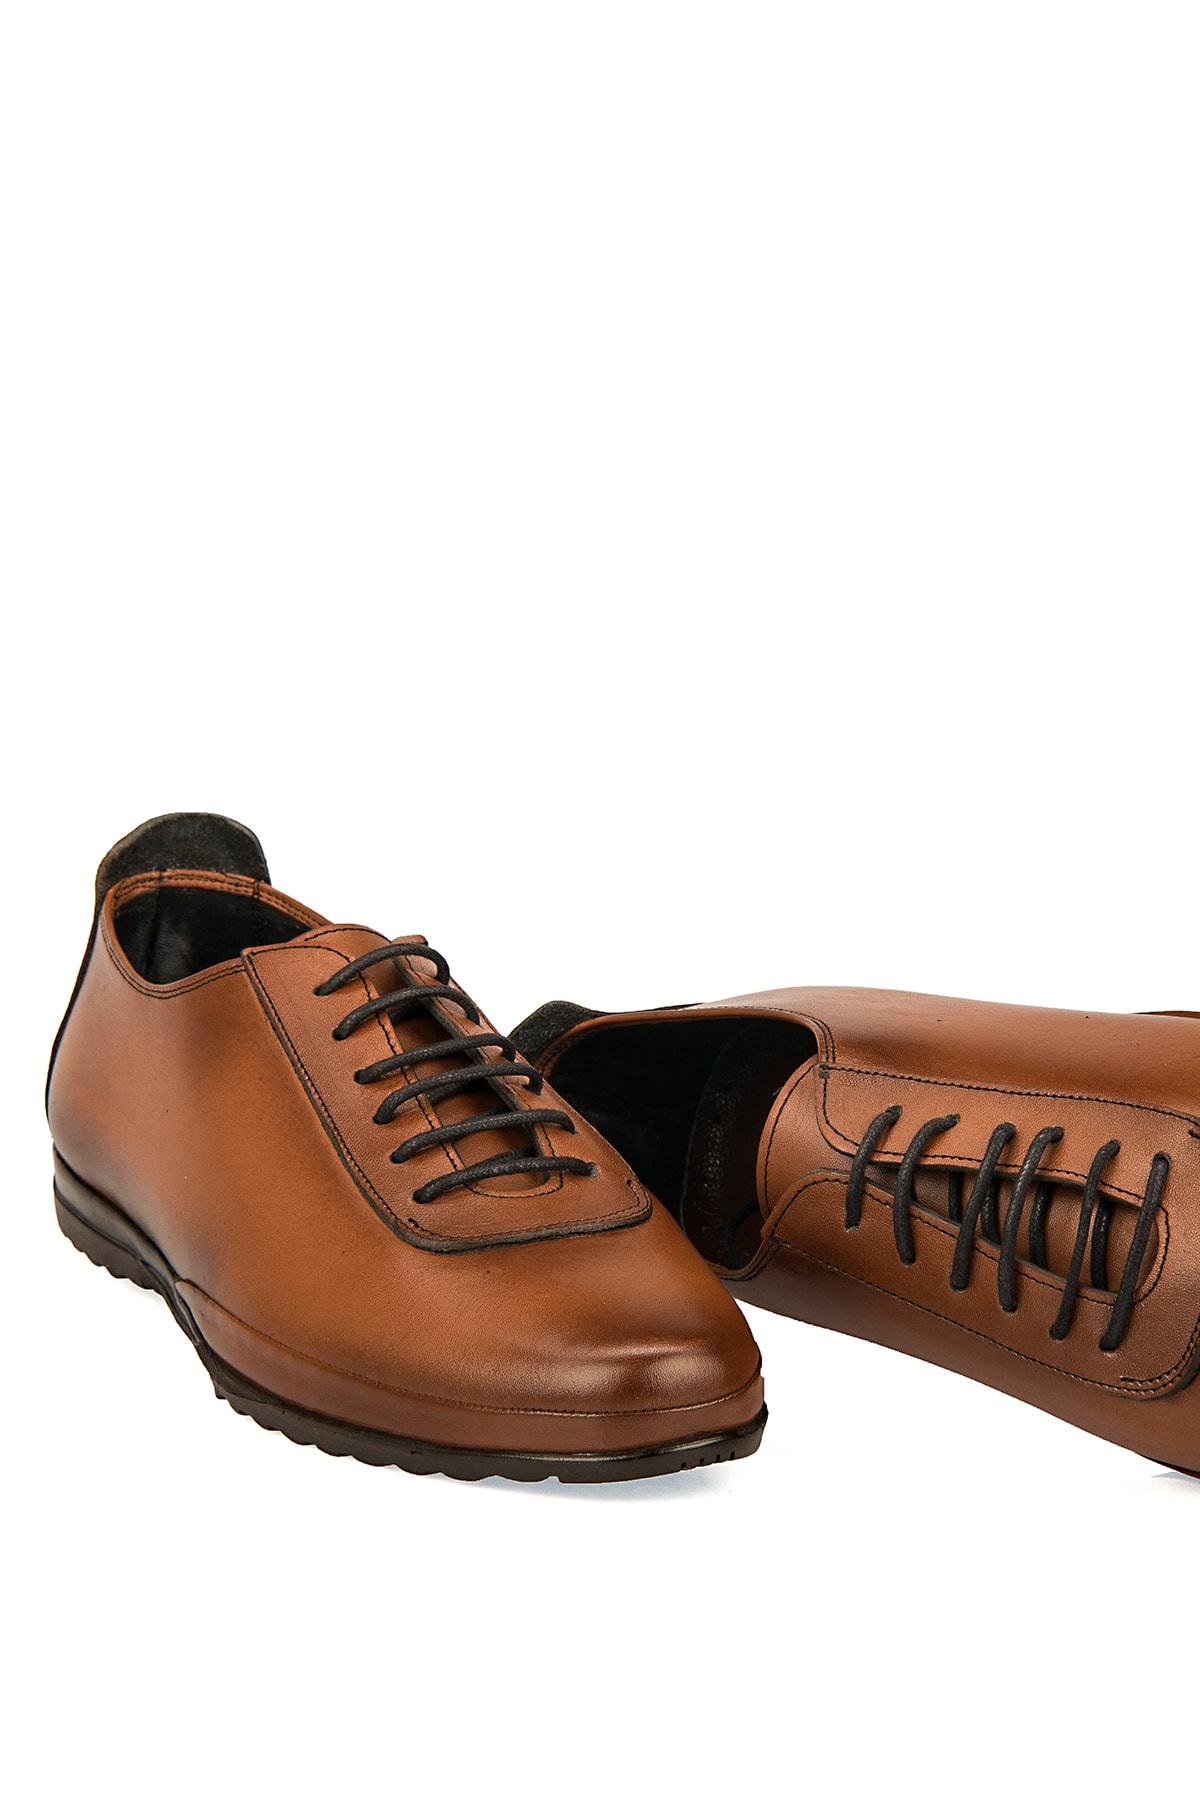 Ziya Hakiki Deri Taba Erkek Ayakkabı 101415 485046 1